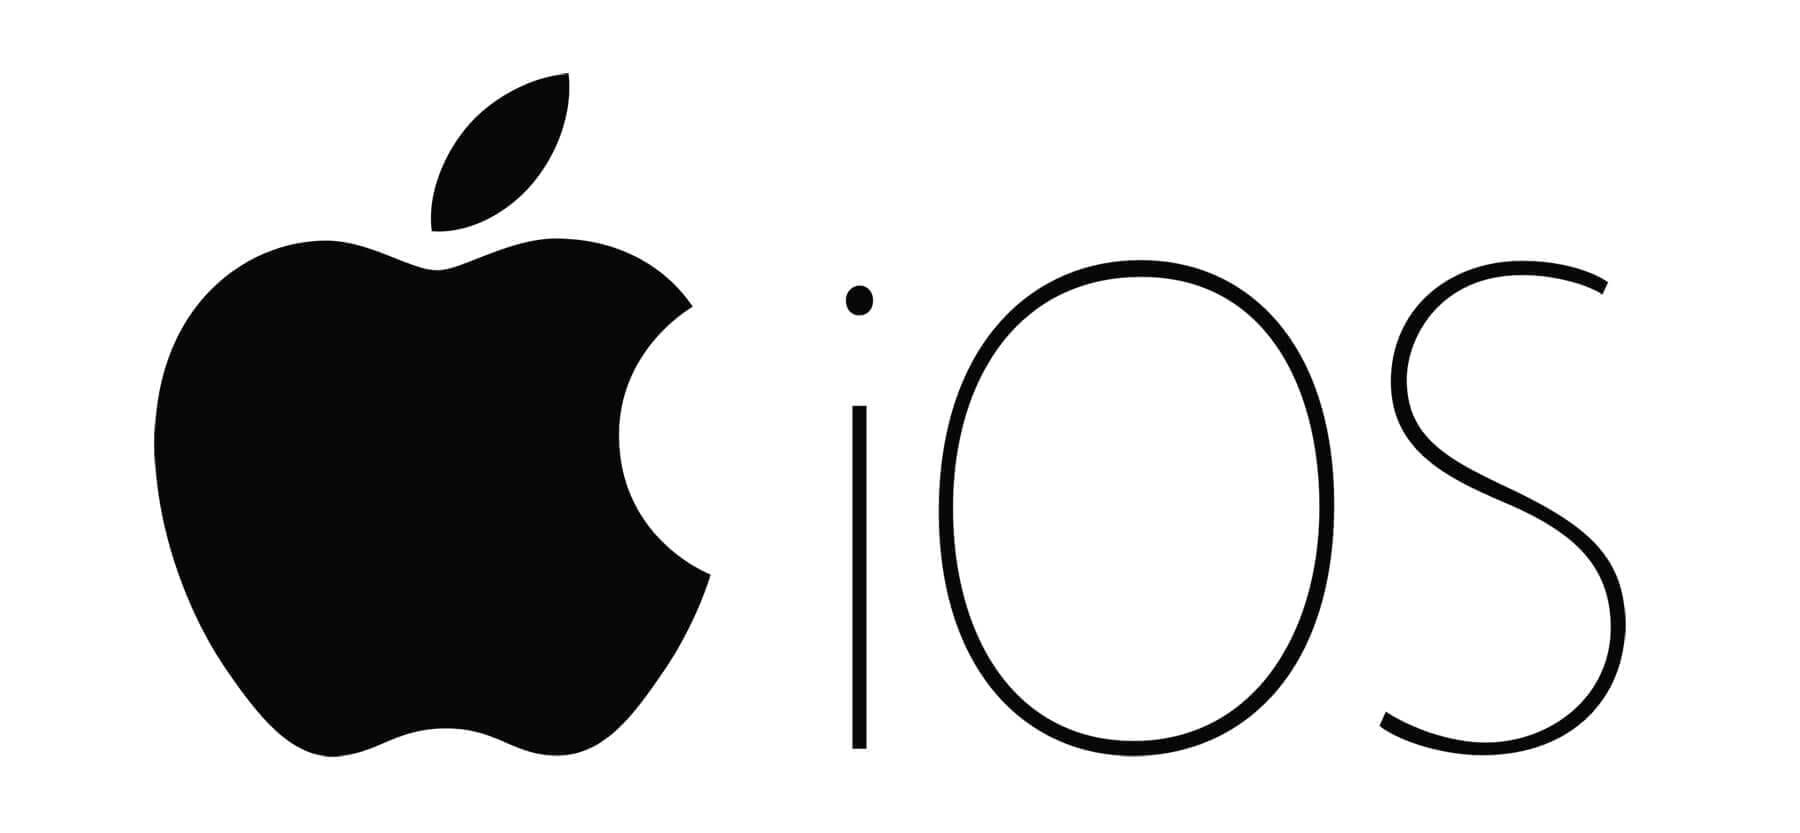 【iPhoneのセキュリティ強化対策】iPhoneの中の個人情報を守るための対策を伝授!個人情報保護に貢献するiPhoneセキュリティ対策まとめ 設定編